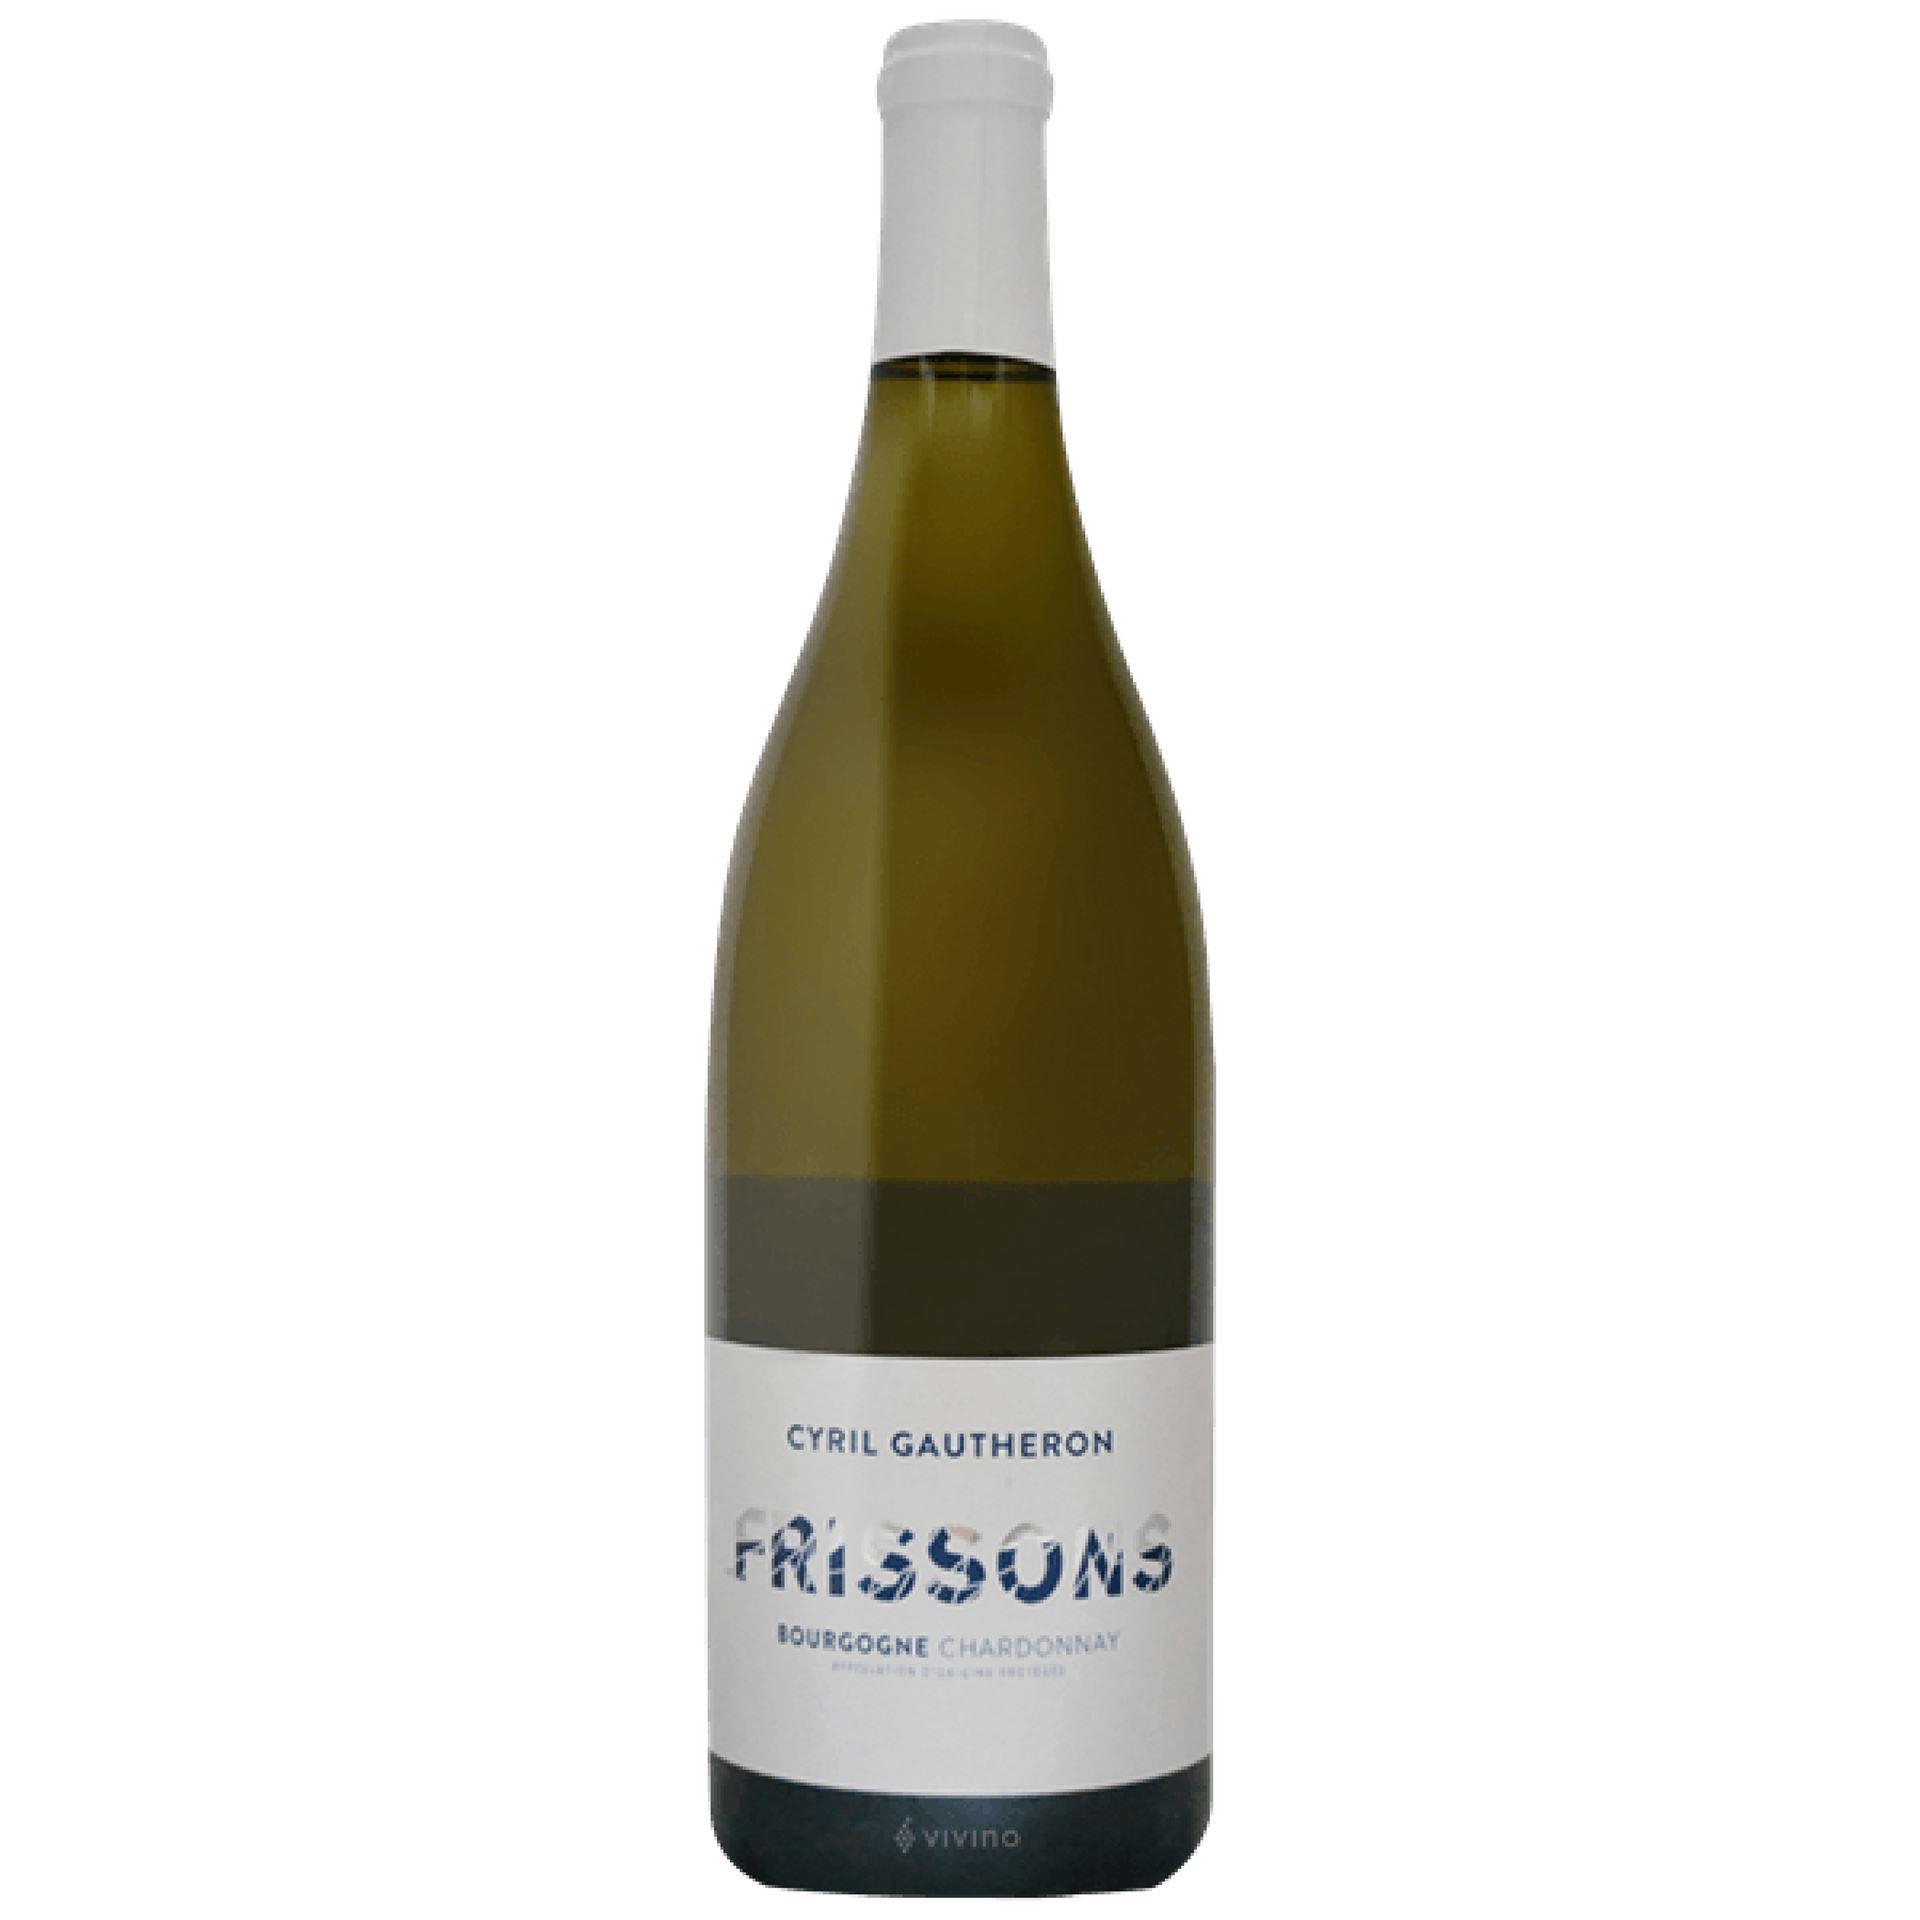 2017 Cyril Gautneron 'Frissons' Chardonnay